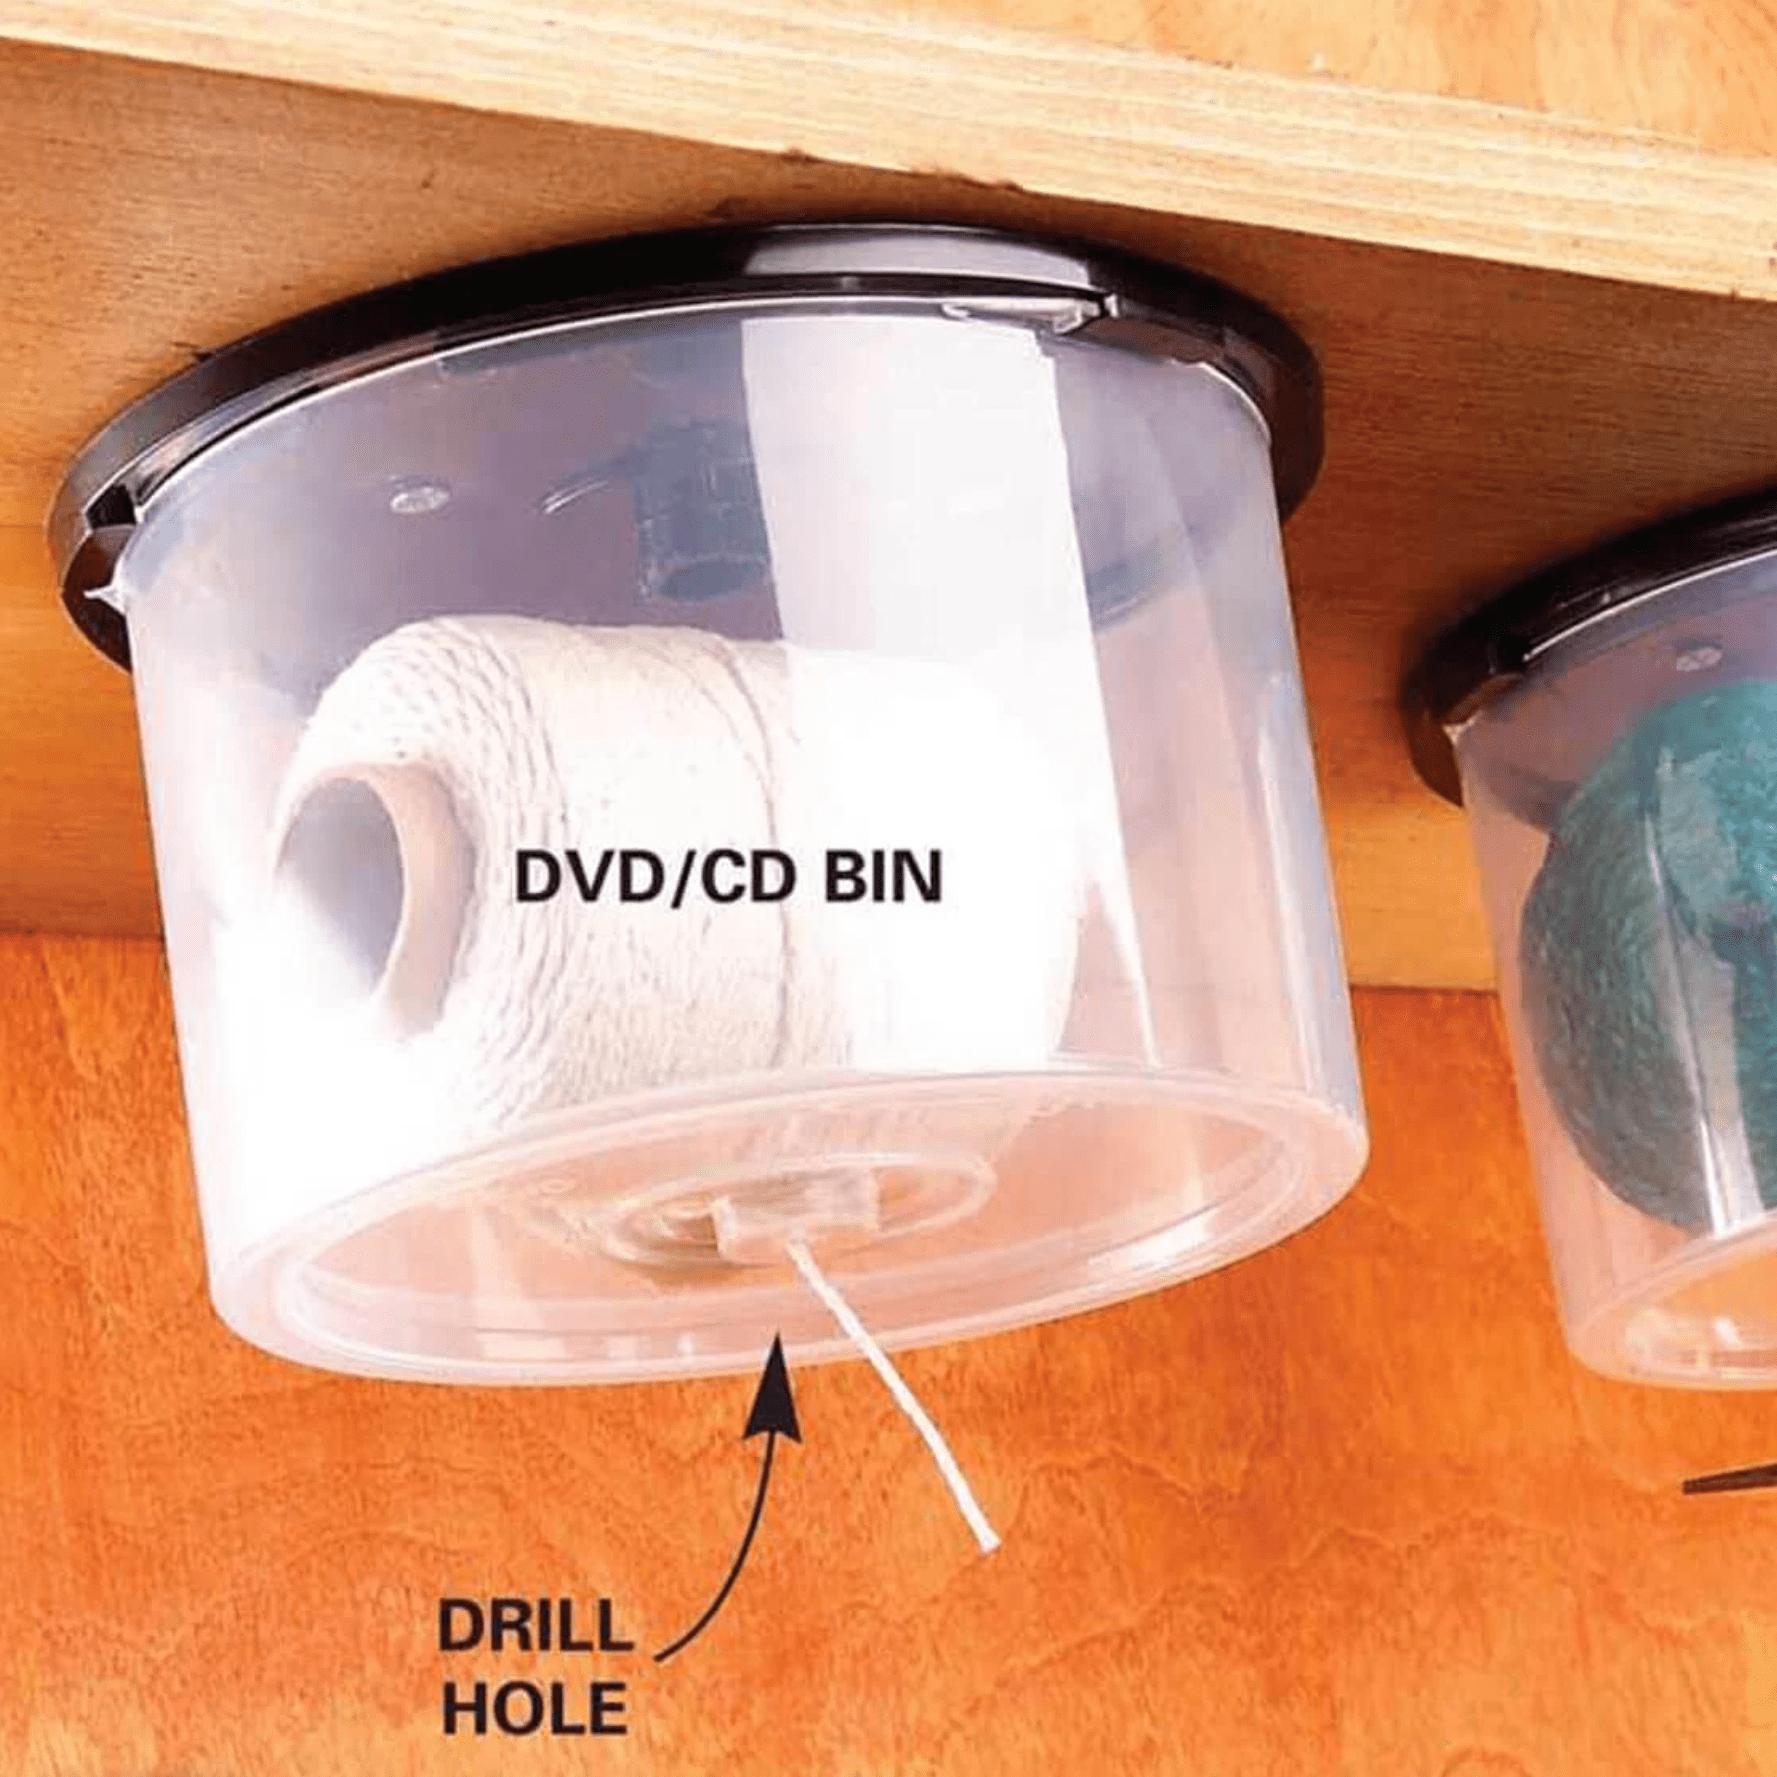 String-Dispensing CD Bins